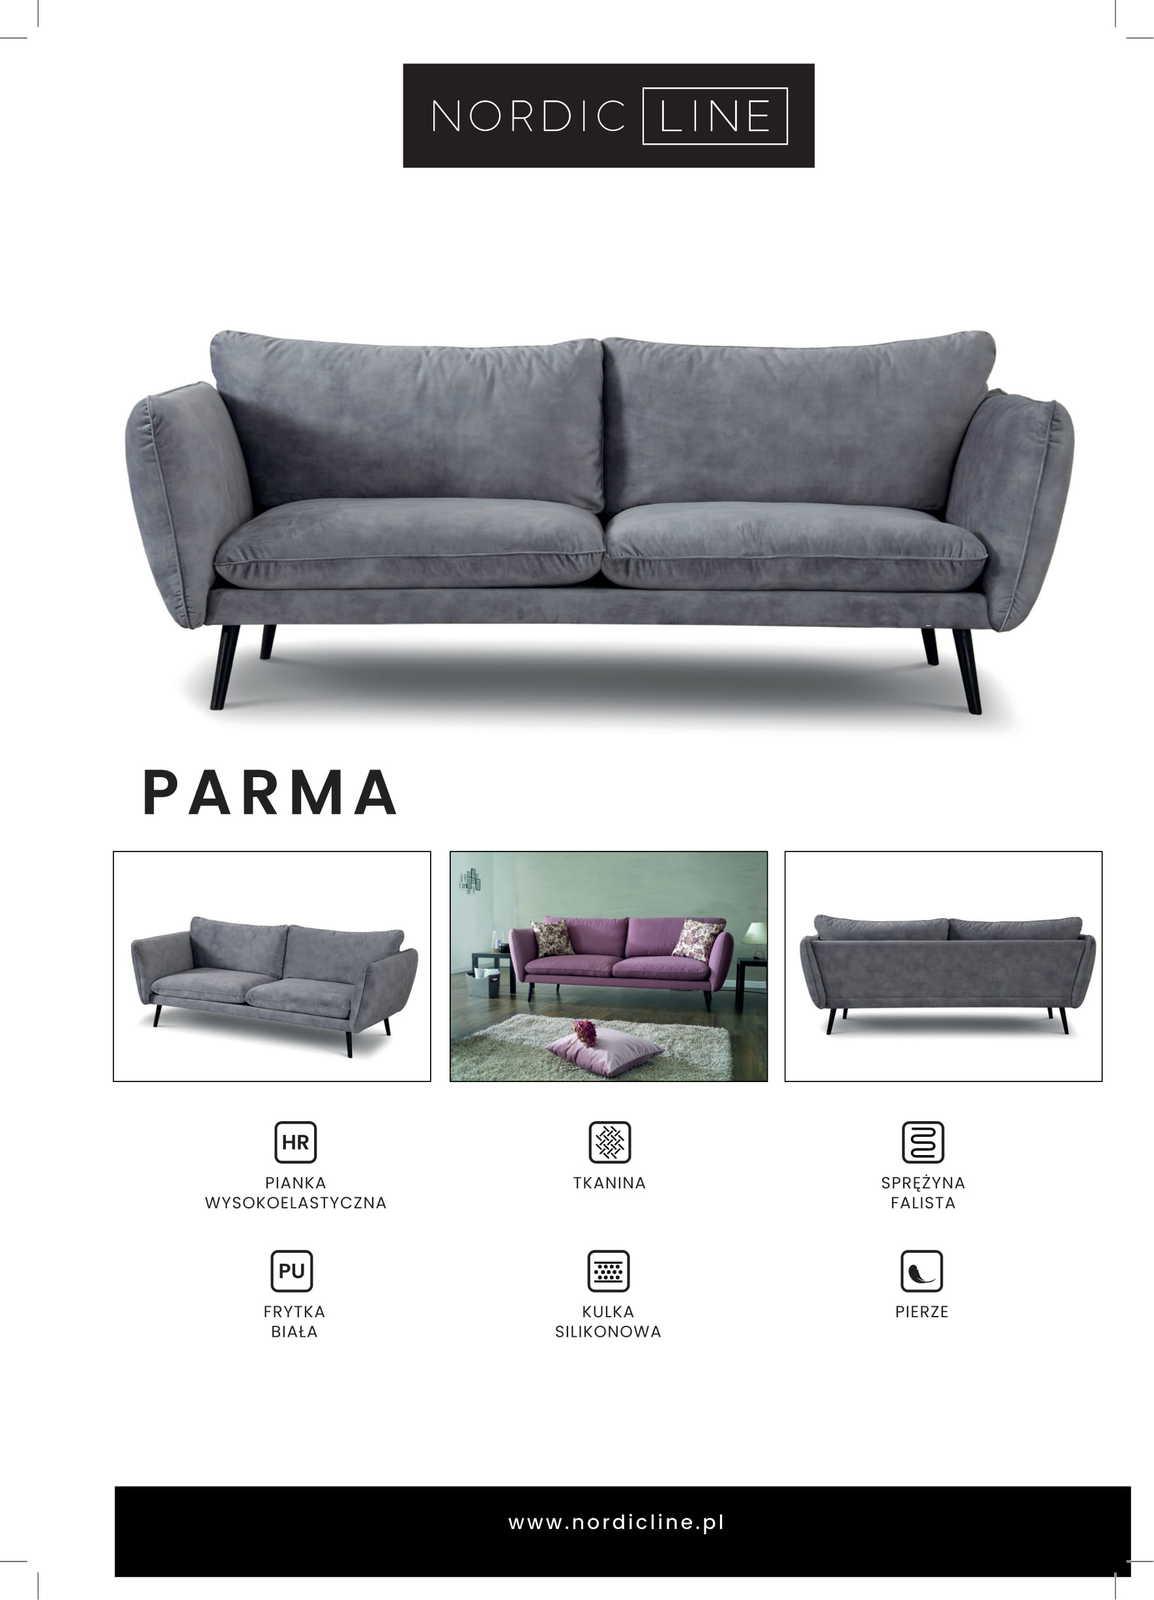 Parma(krzywe) (1) 1